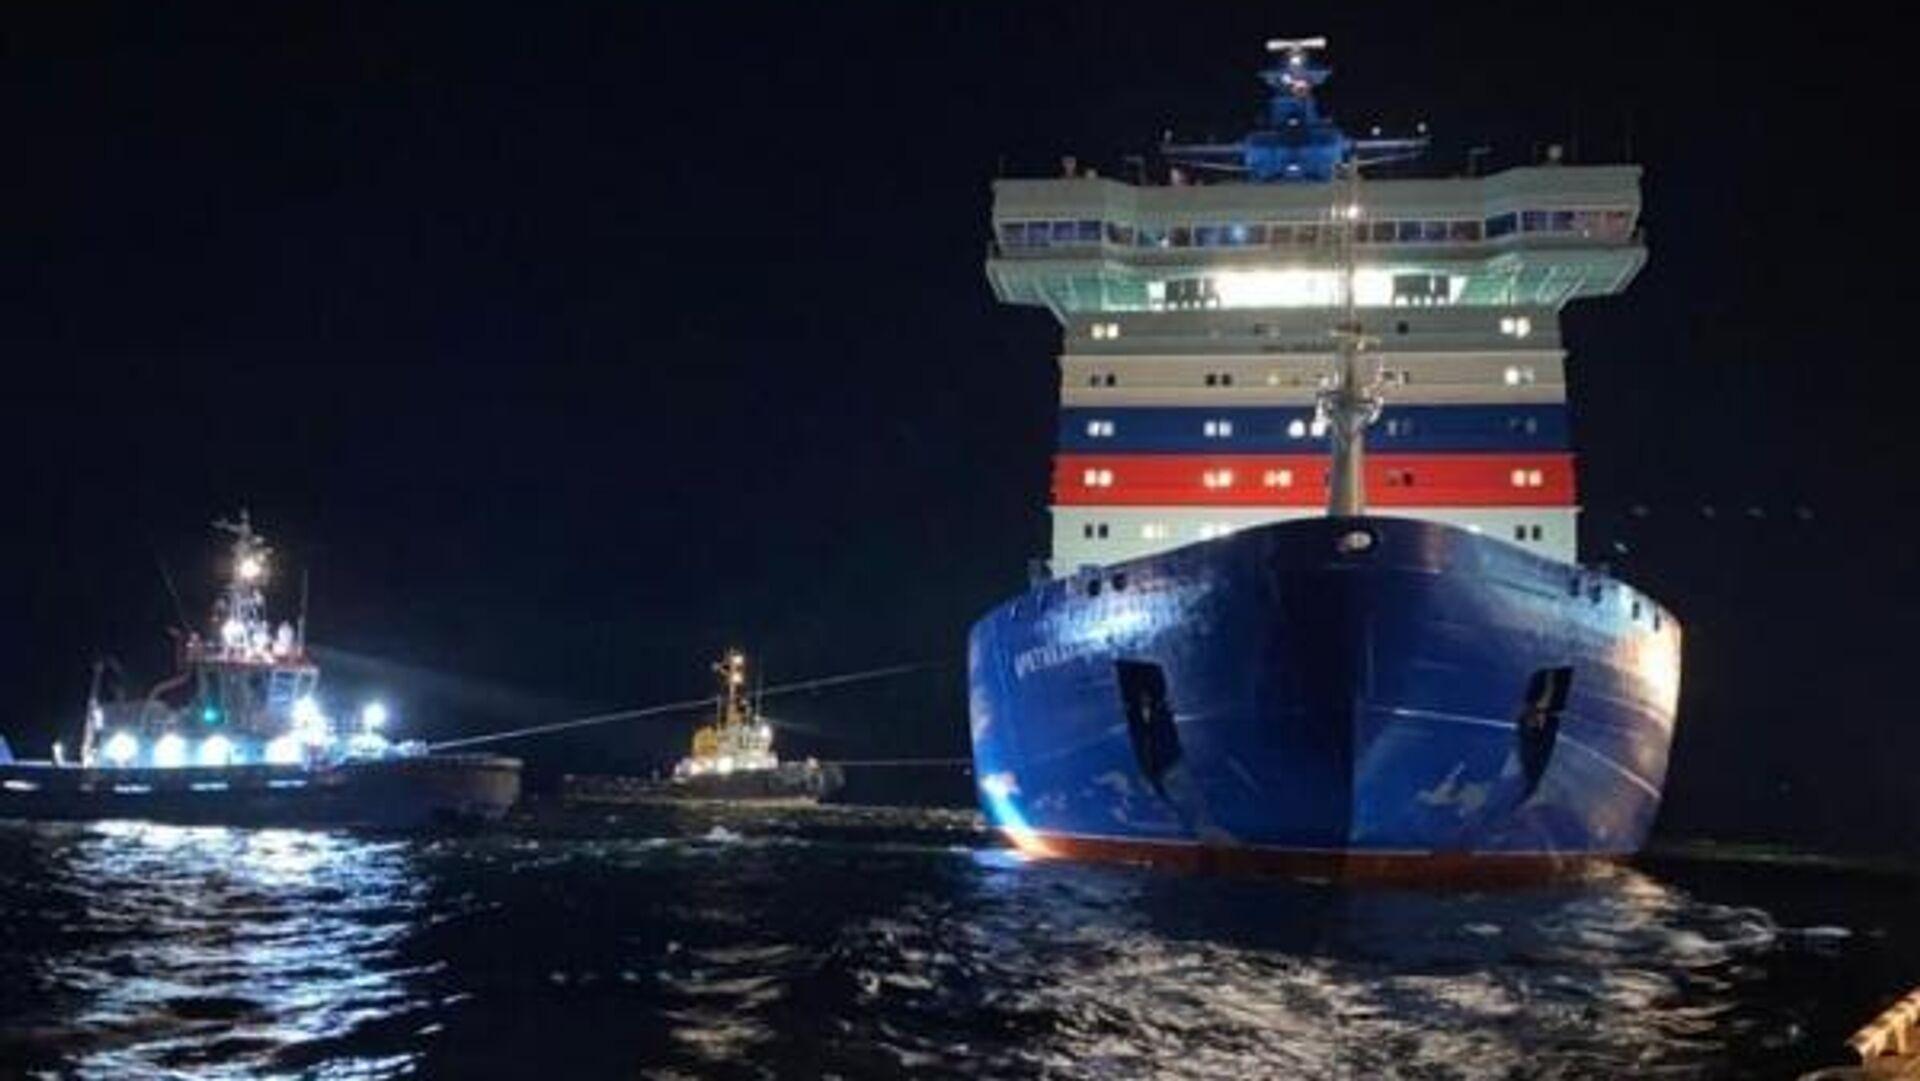 Головной универсальный атомный ледокол Арктика вышел из порта Мурманск в первый рабочий рейс - РИА Новости, 1920, 16.11.2020